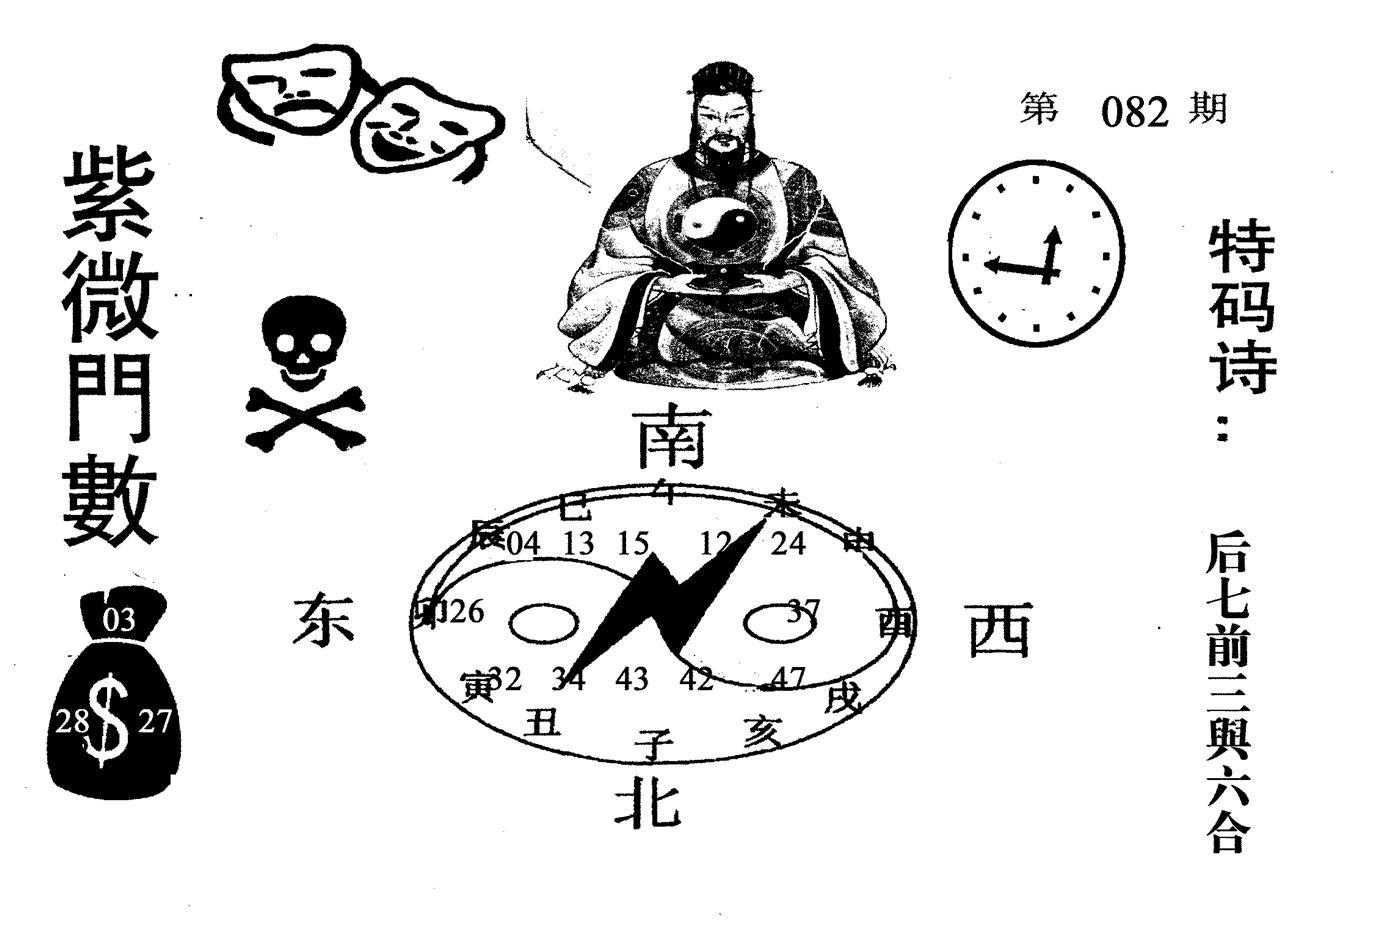 082期老版紫微倒数(黑白)